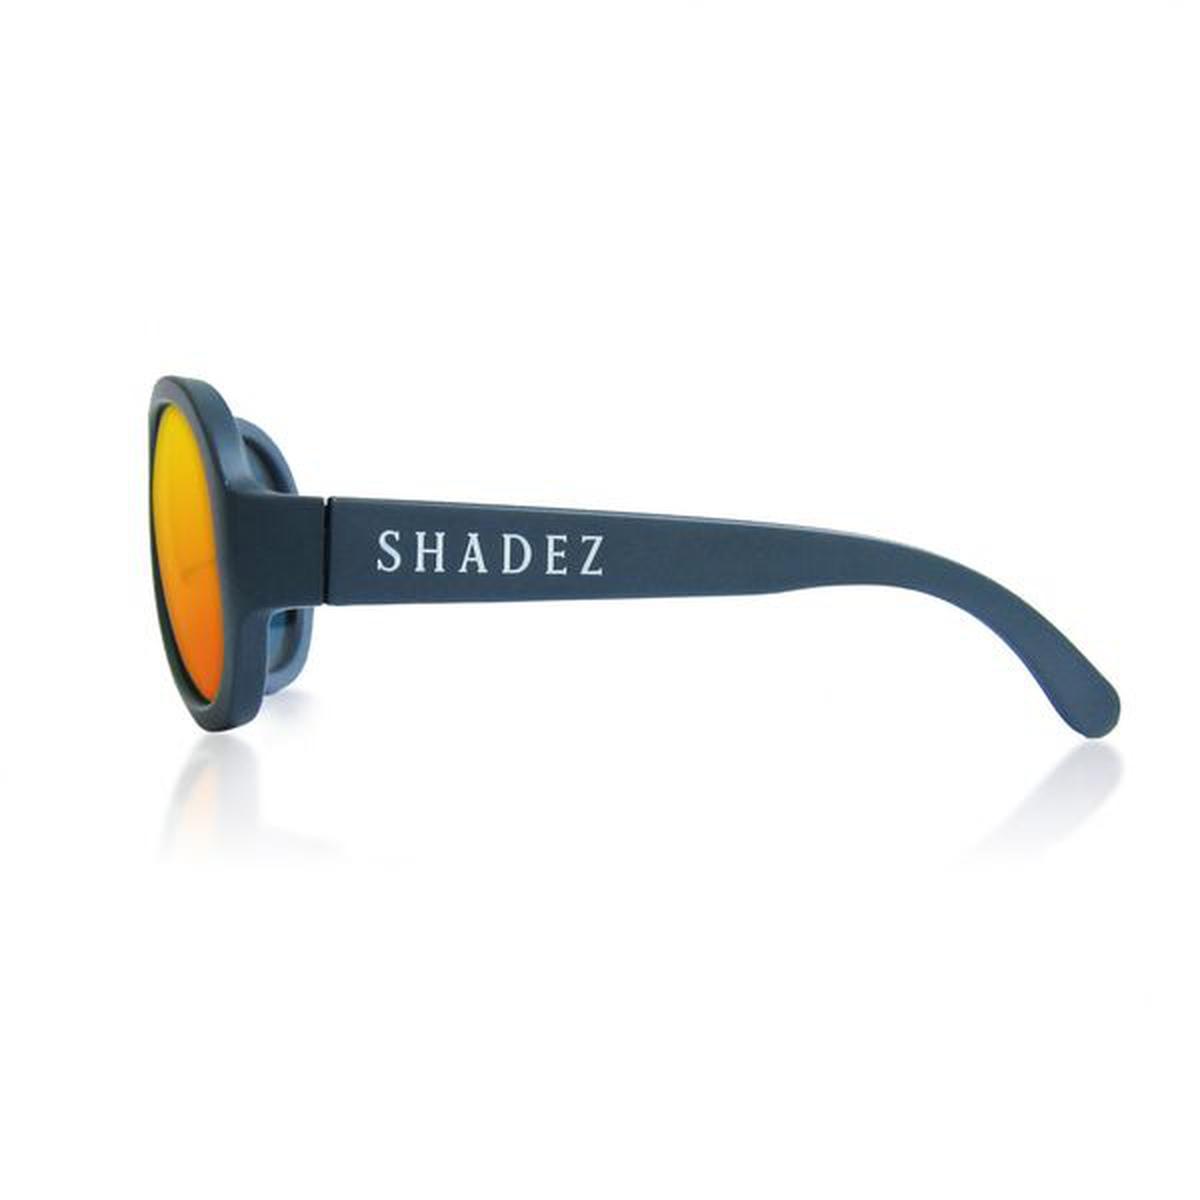 SHADEZ - ELIAS